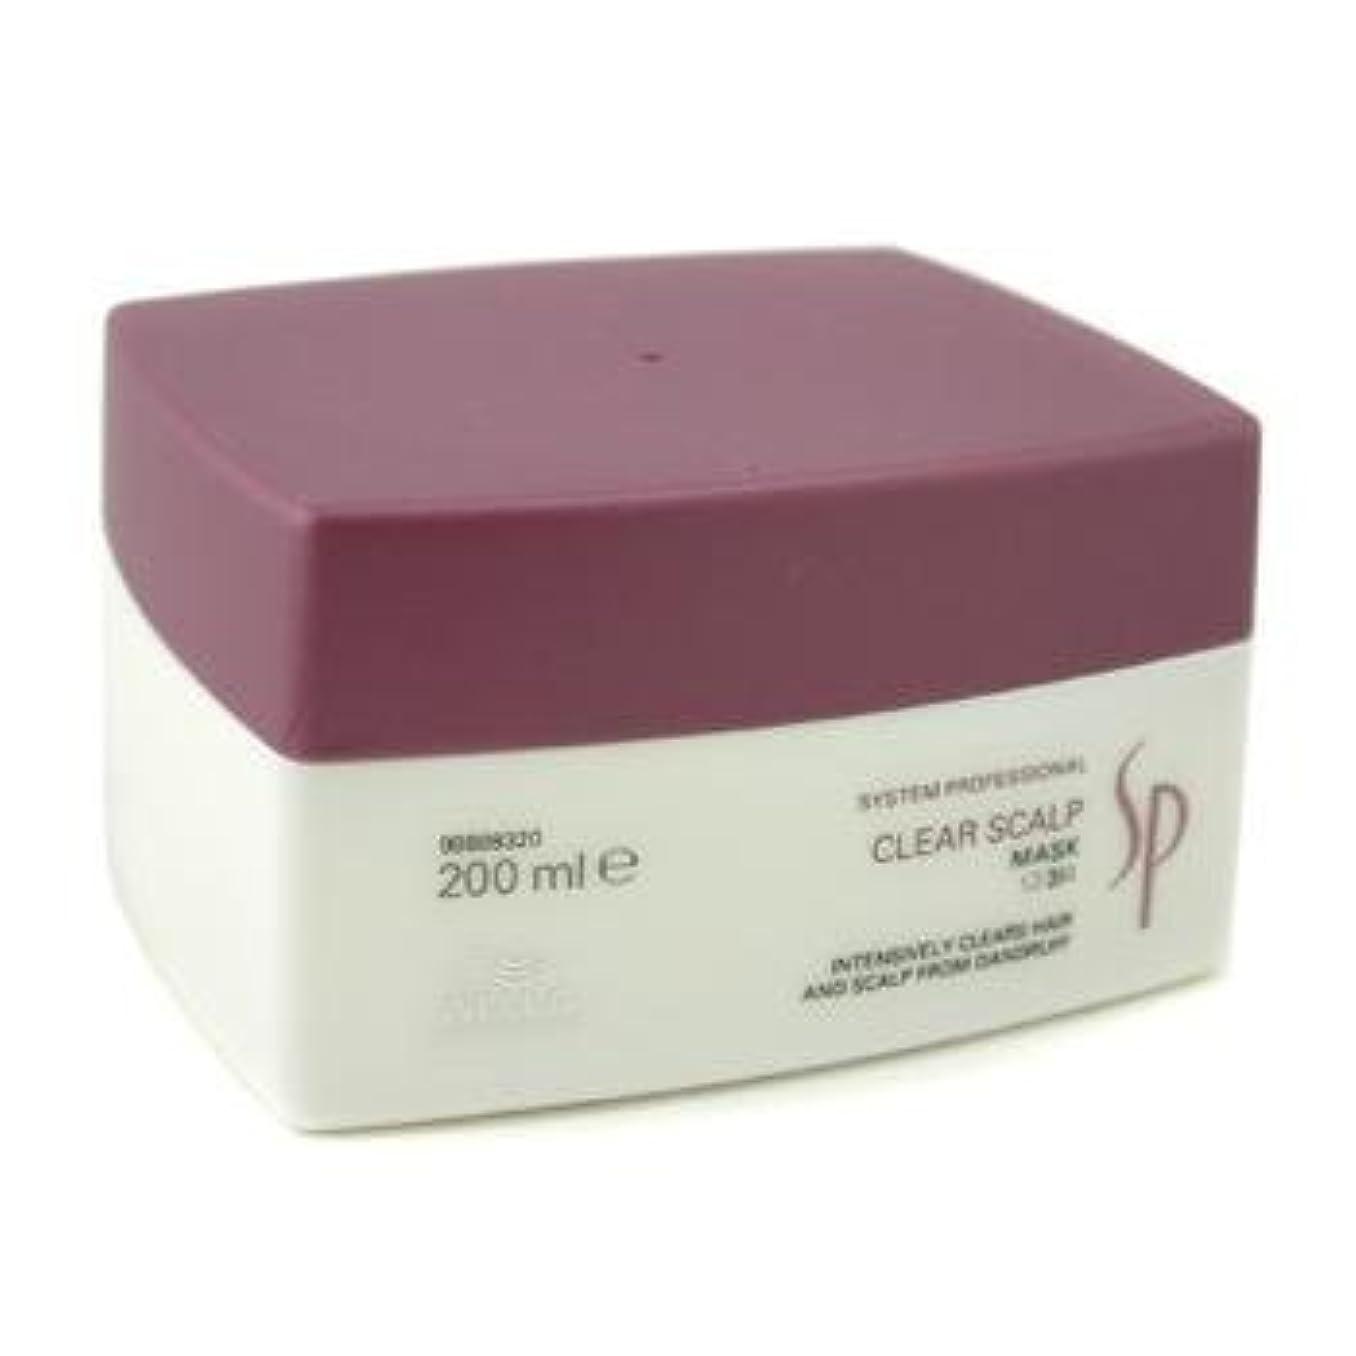 義務のホストシーボードWella SP Clear Scalp Mask - 200ml/6.67oz by Wella [並行輸入品]